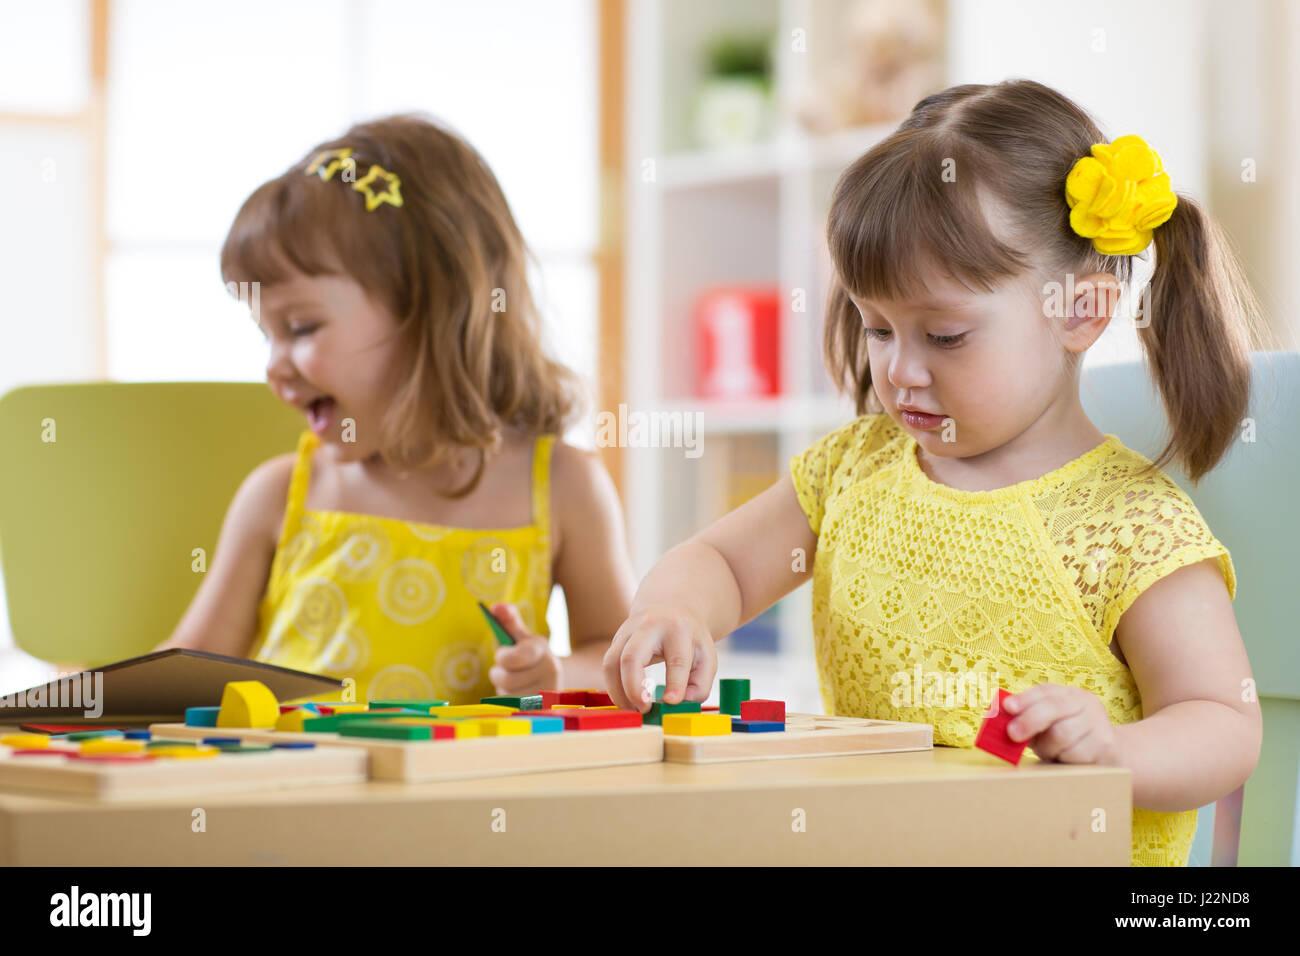 Bambini in età prescolare giocando con il selezionatore educativi giocattoli in aula, asilo o home Immagini Stock